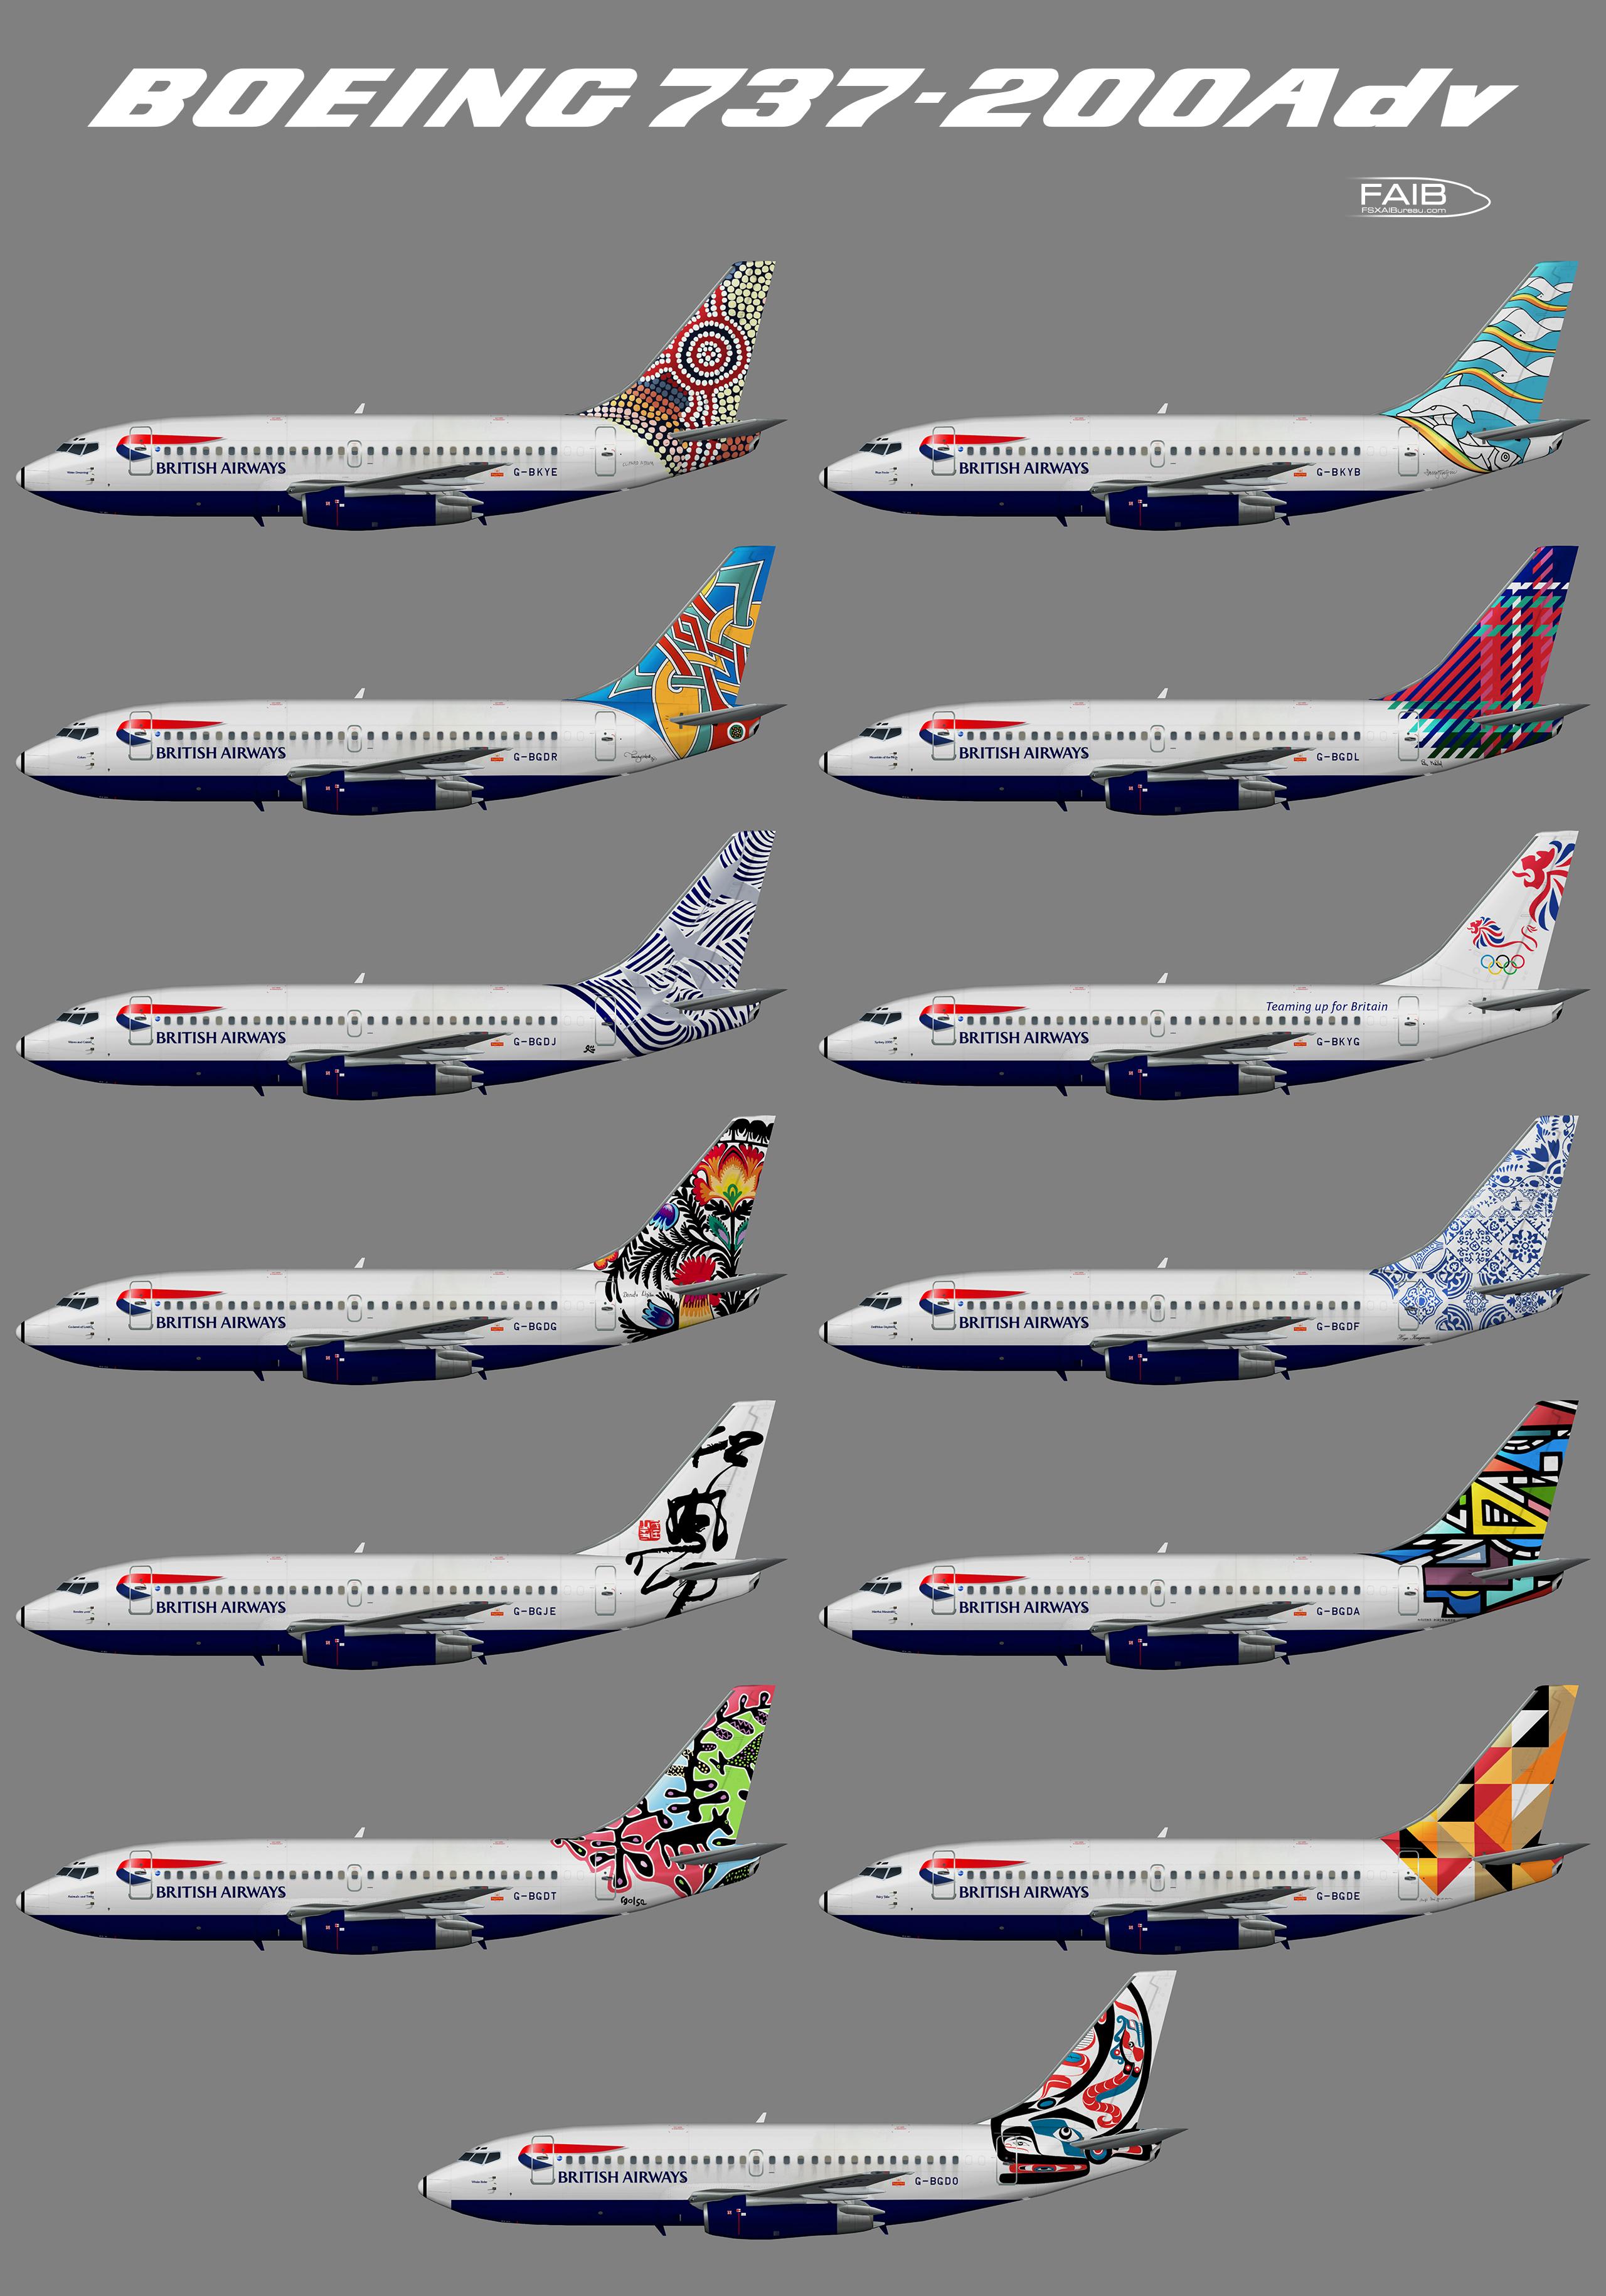 """British Airways """"World Tails"""" Boeing 737-200Adv"""